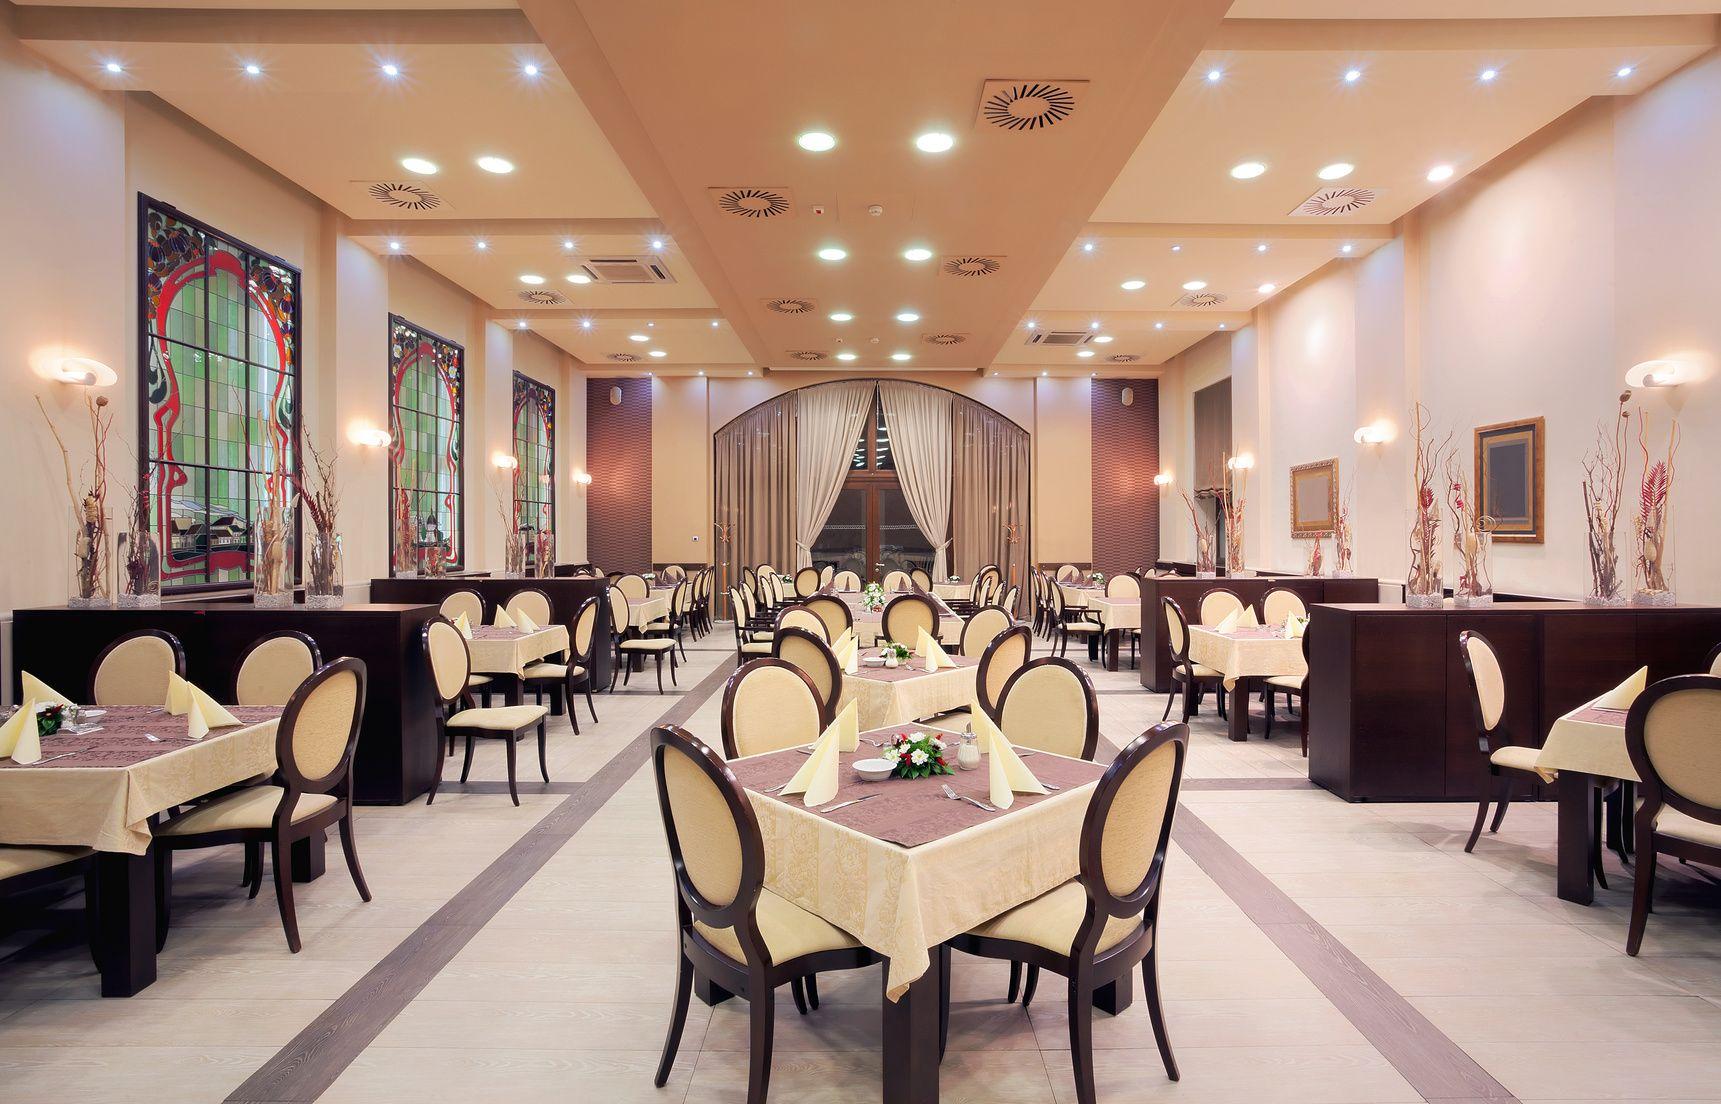 Проект вентиляции кухни в ресторане